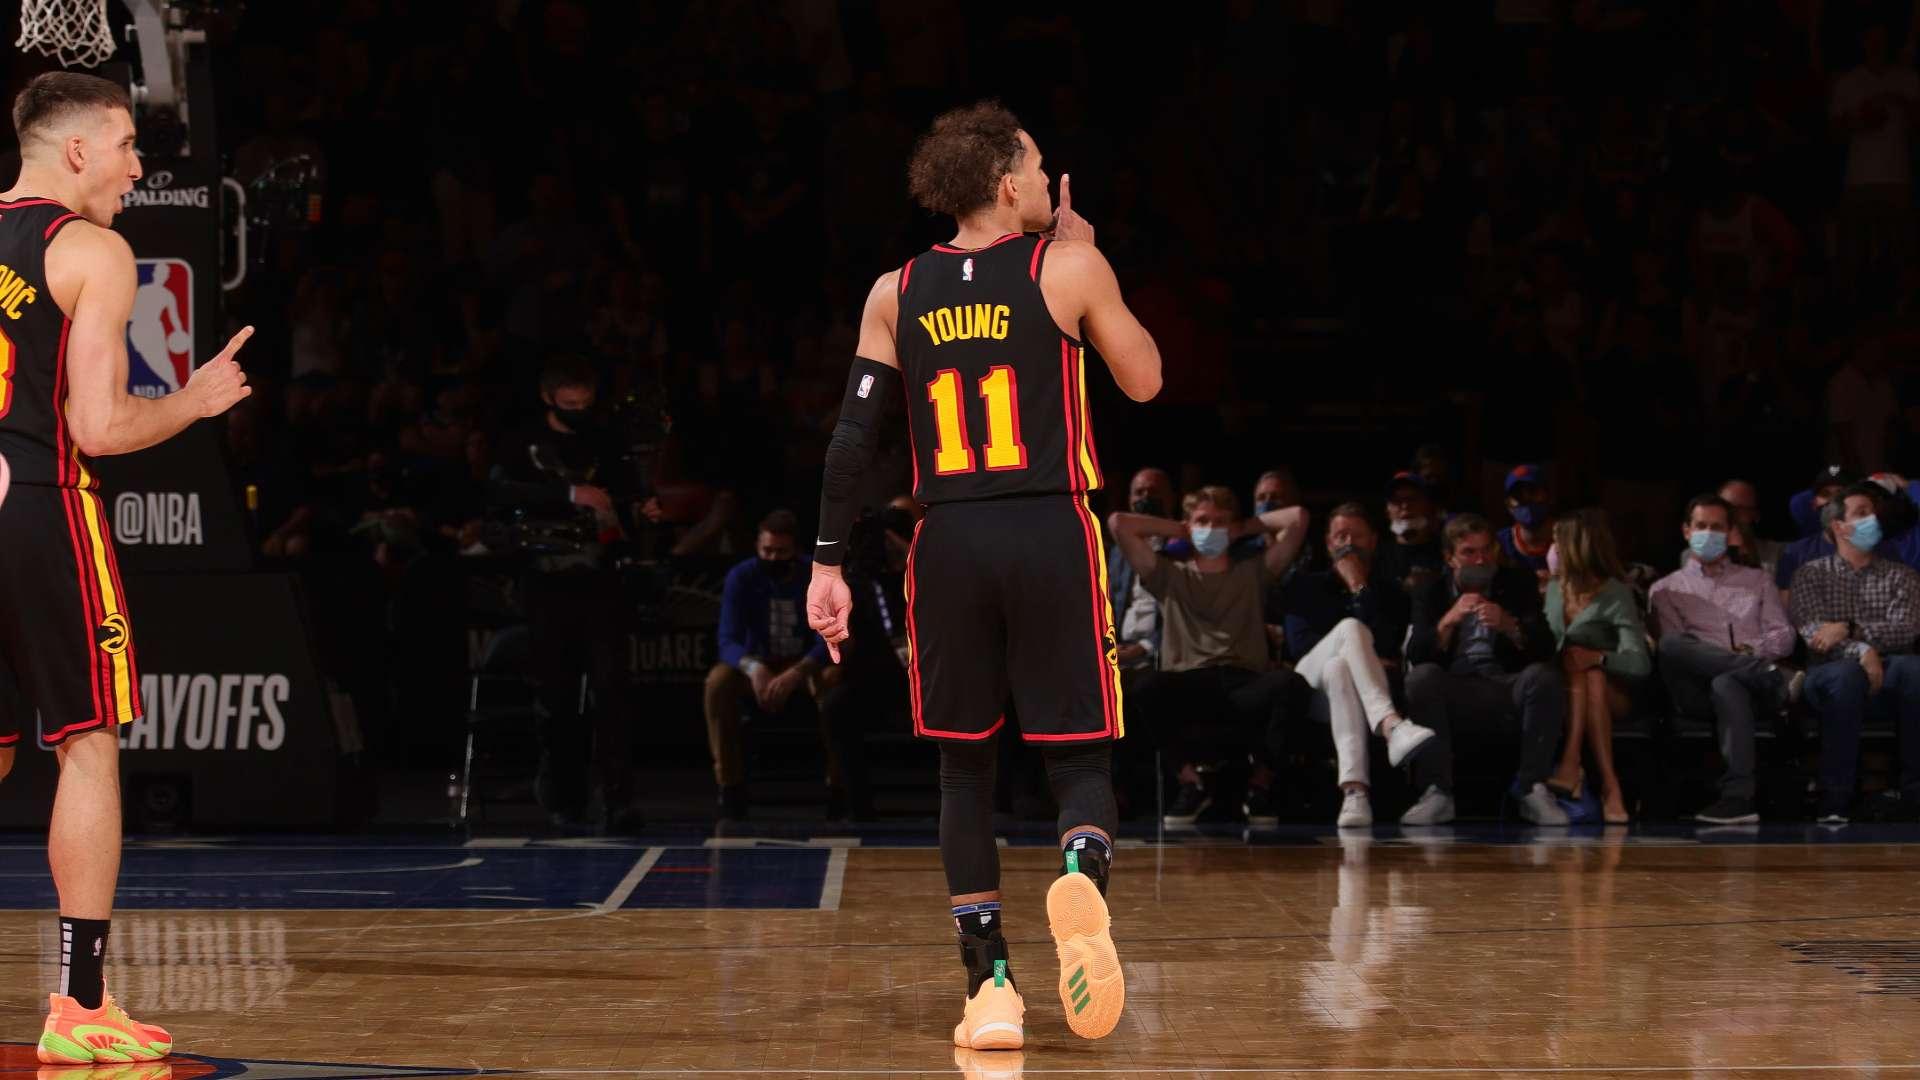 Trae Young y Atlanta Hawks silenciaron la fiesta de New York Knicks en el  Madison Square Garden   NBA.com Argentina   El sitio oficial de la NBA